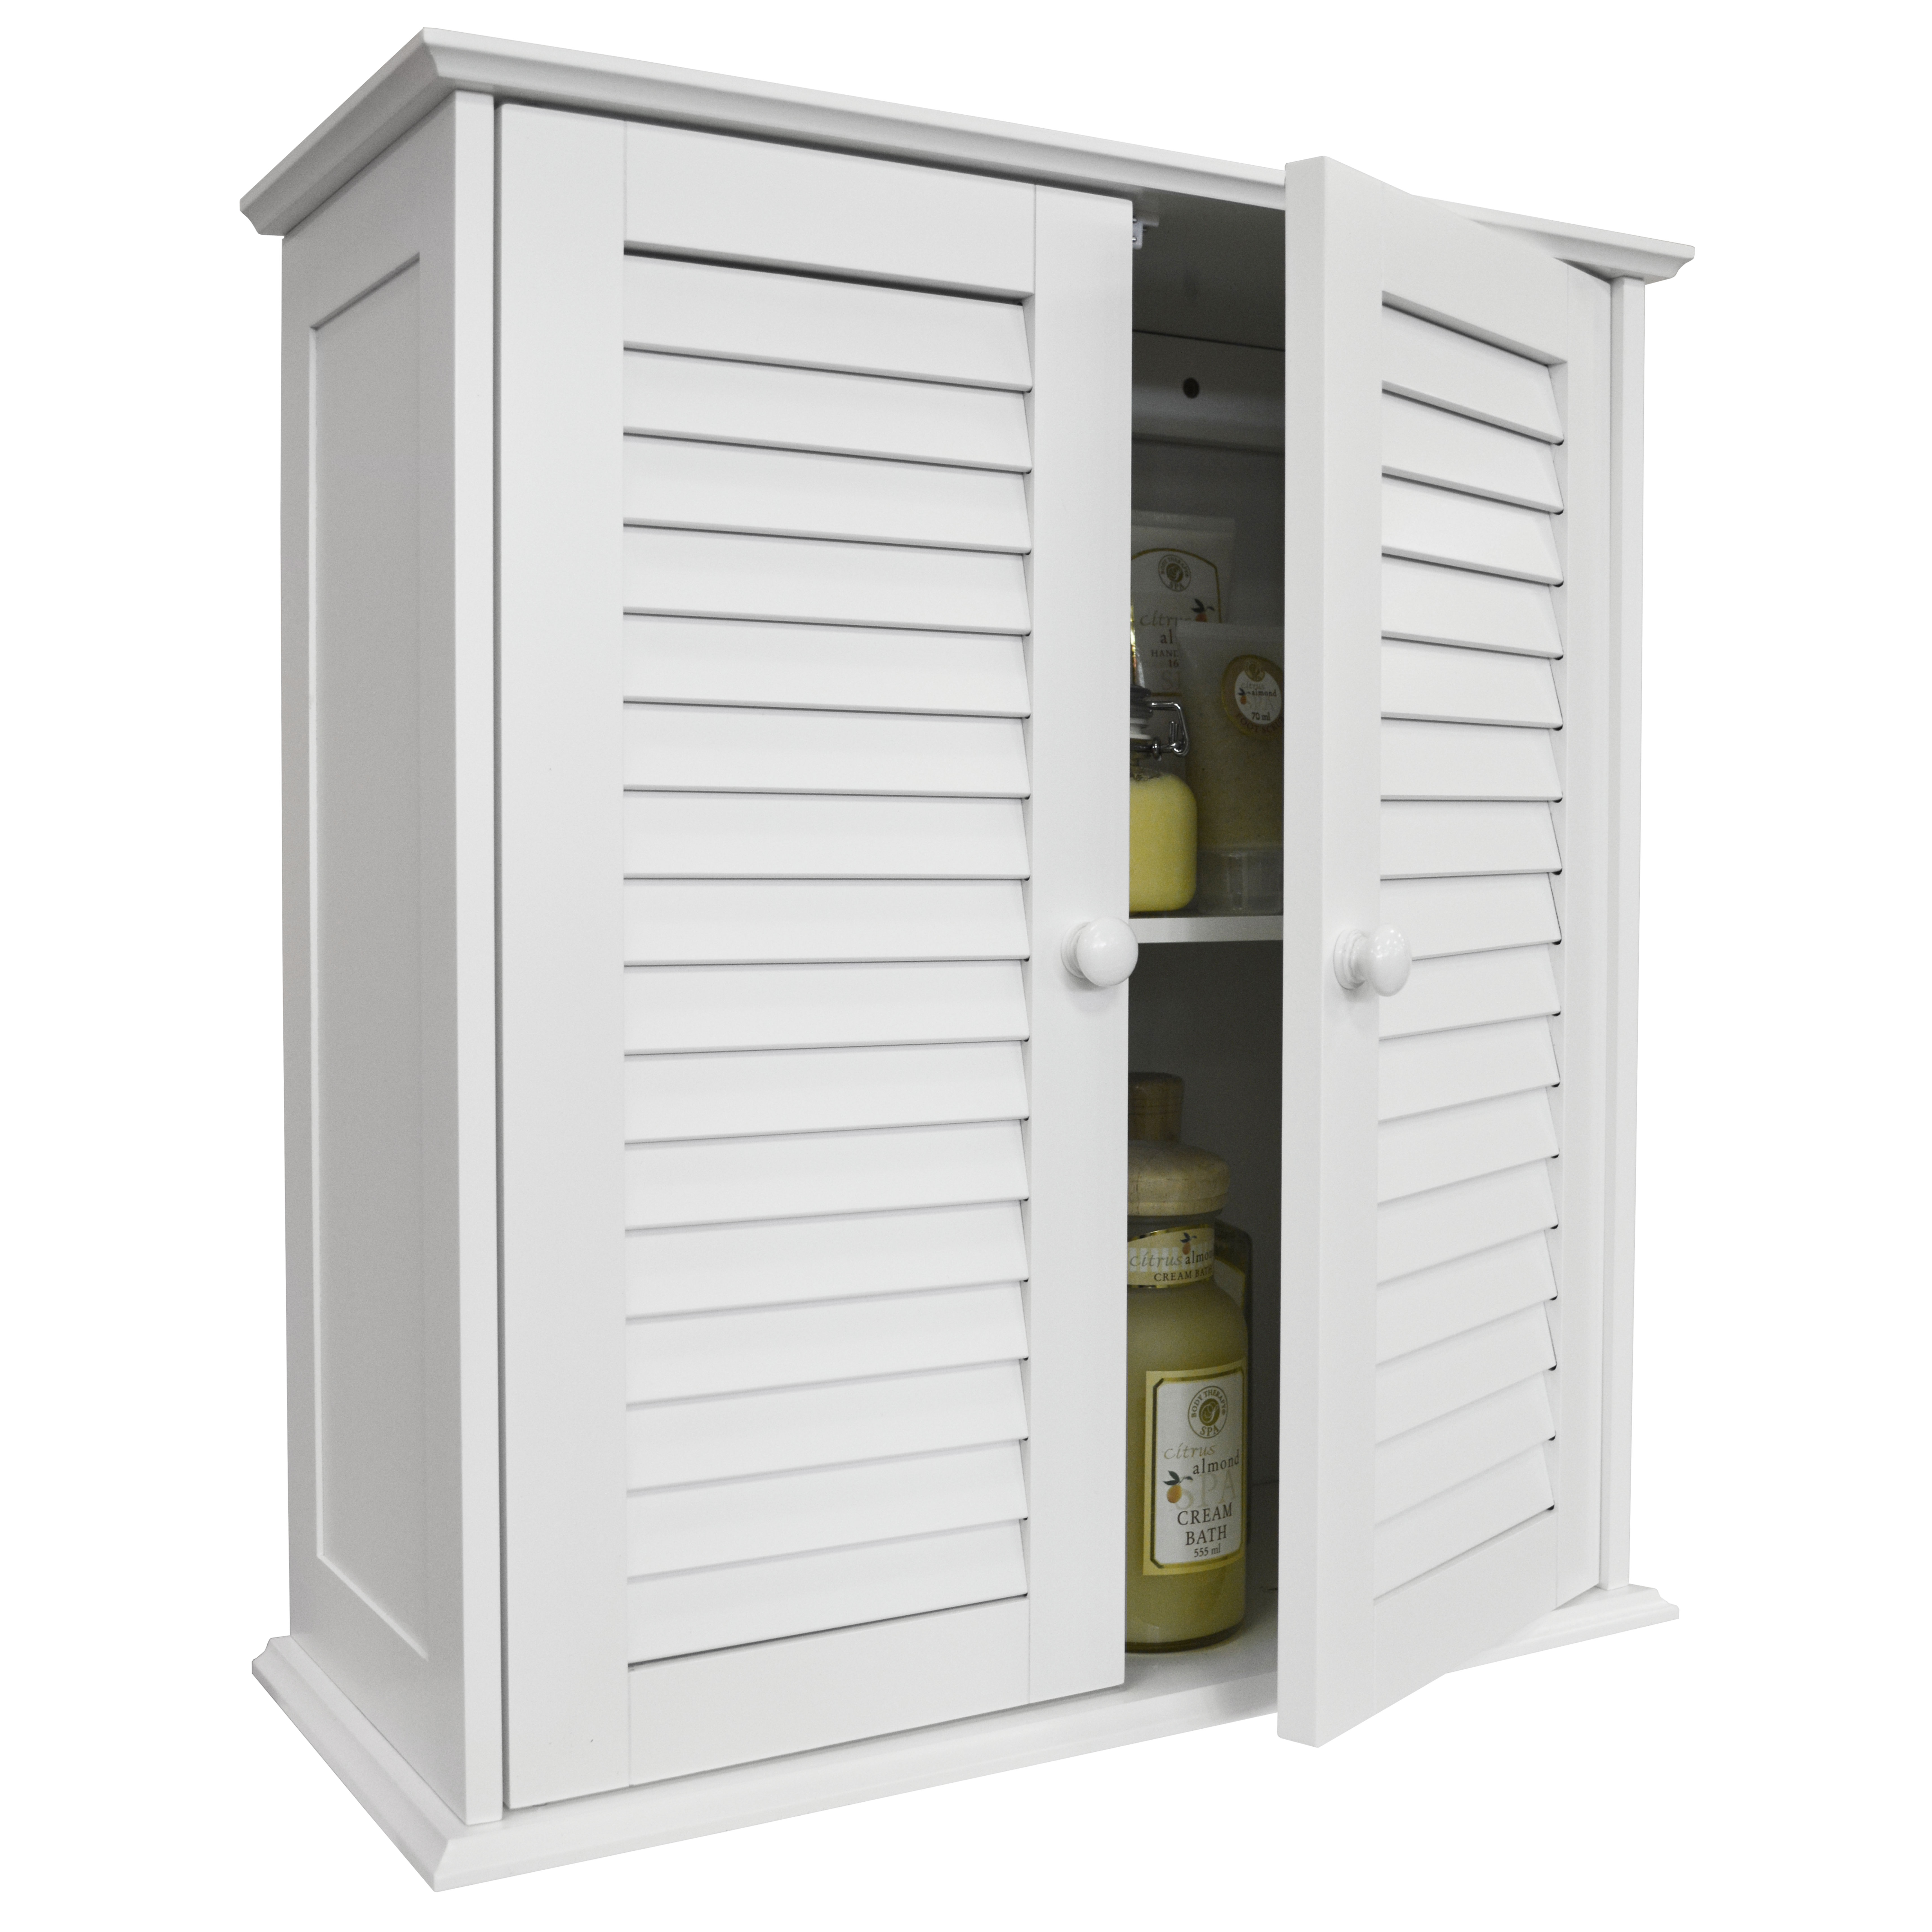 Louvre Double Shutter Door Bathroom Wall Storage Cabinet